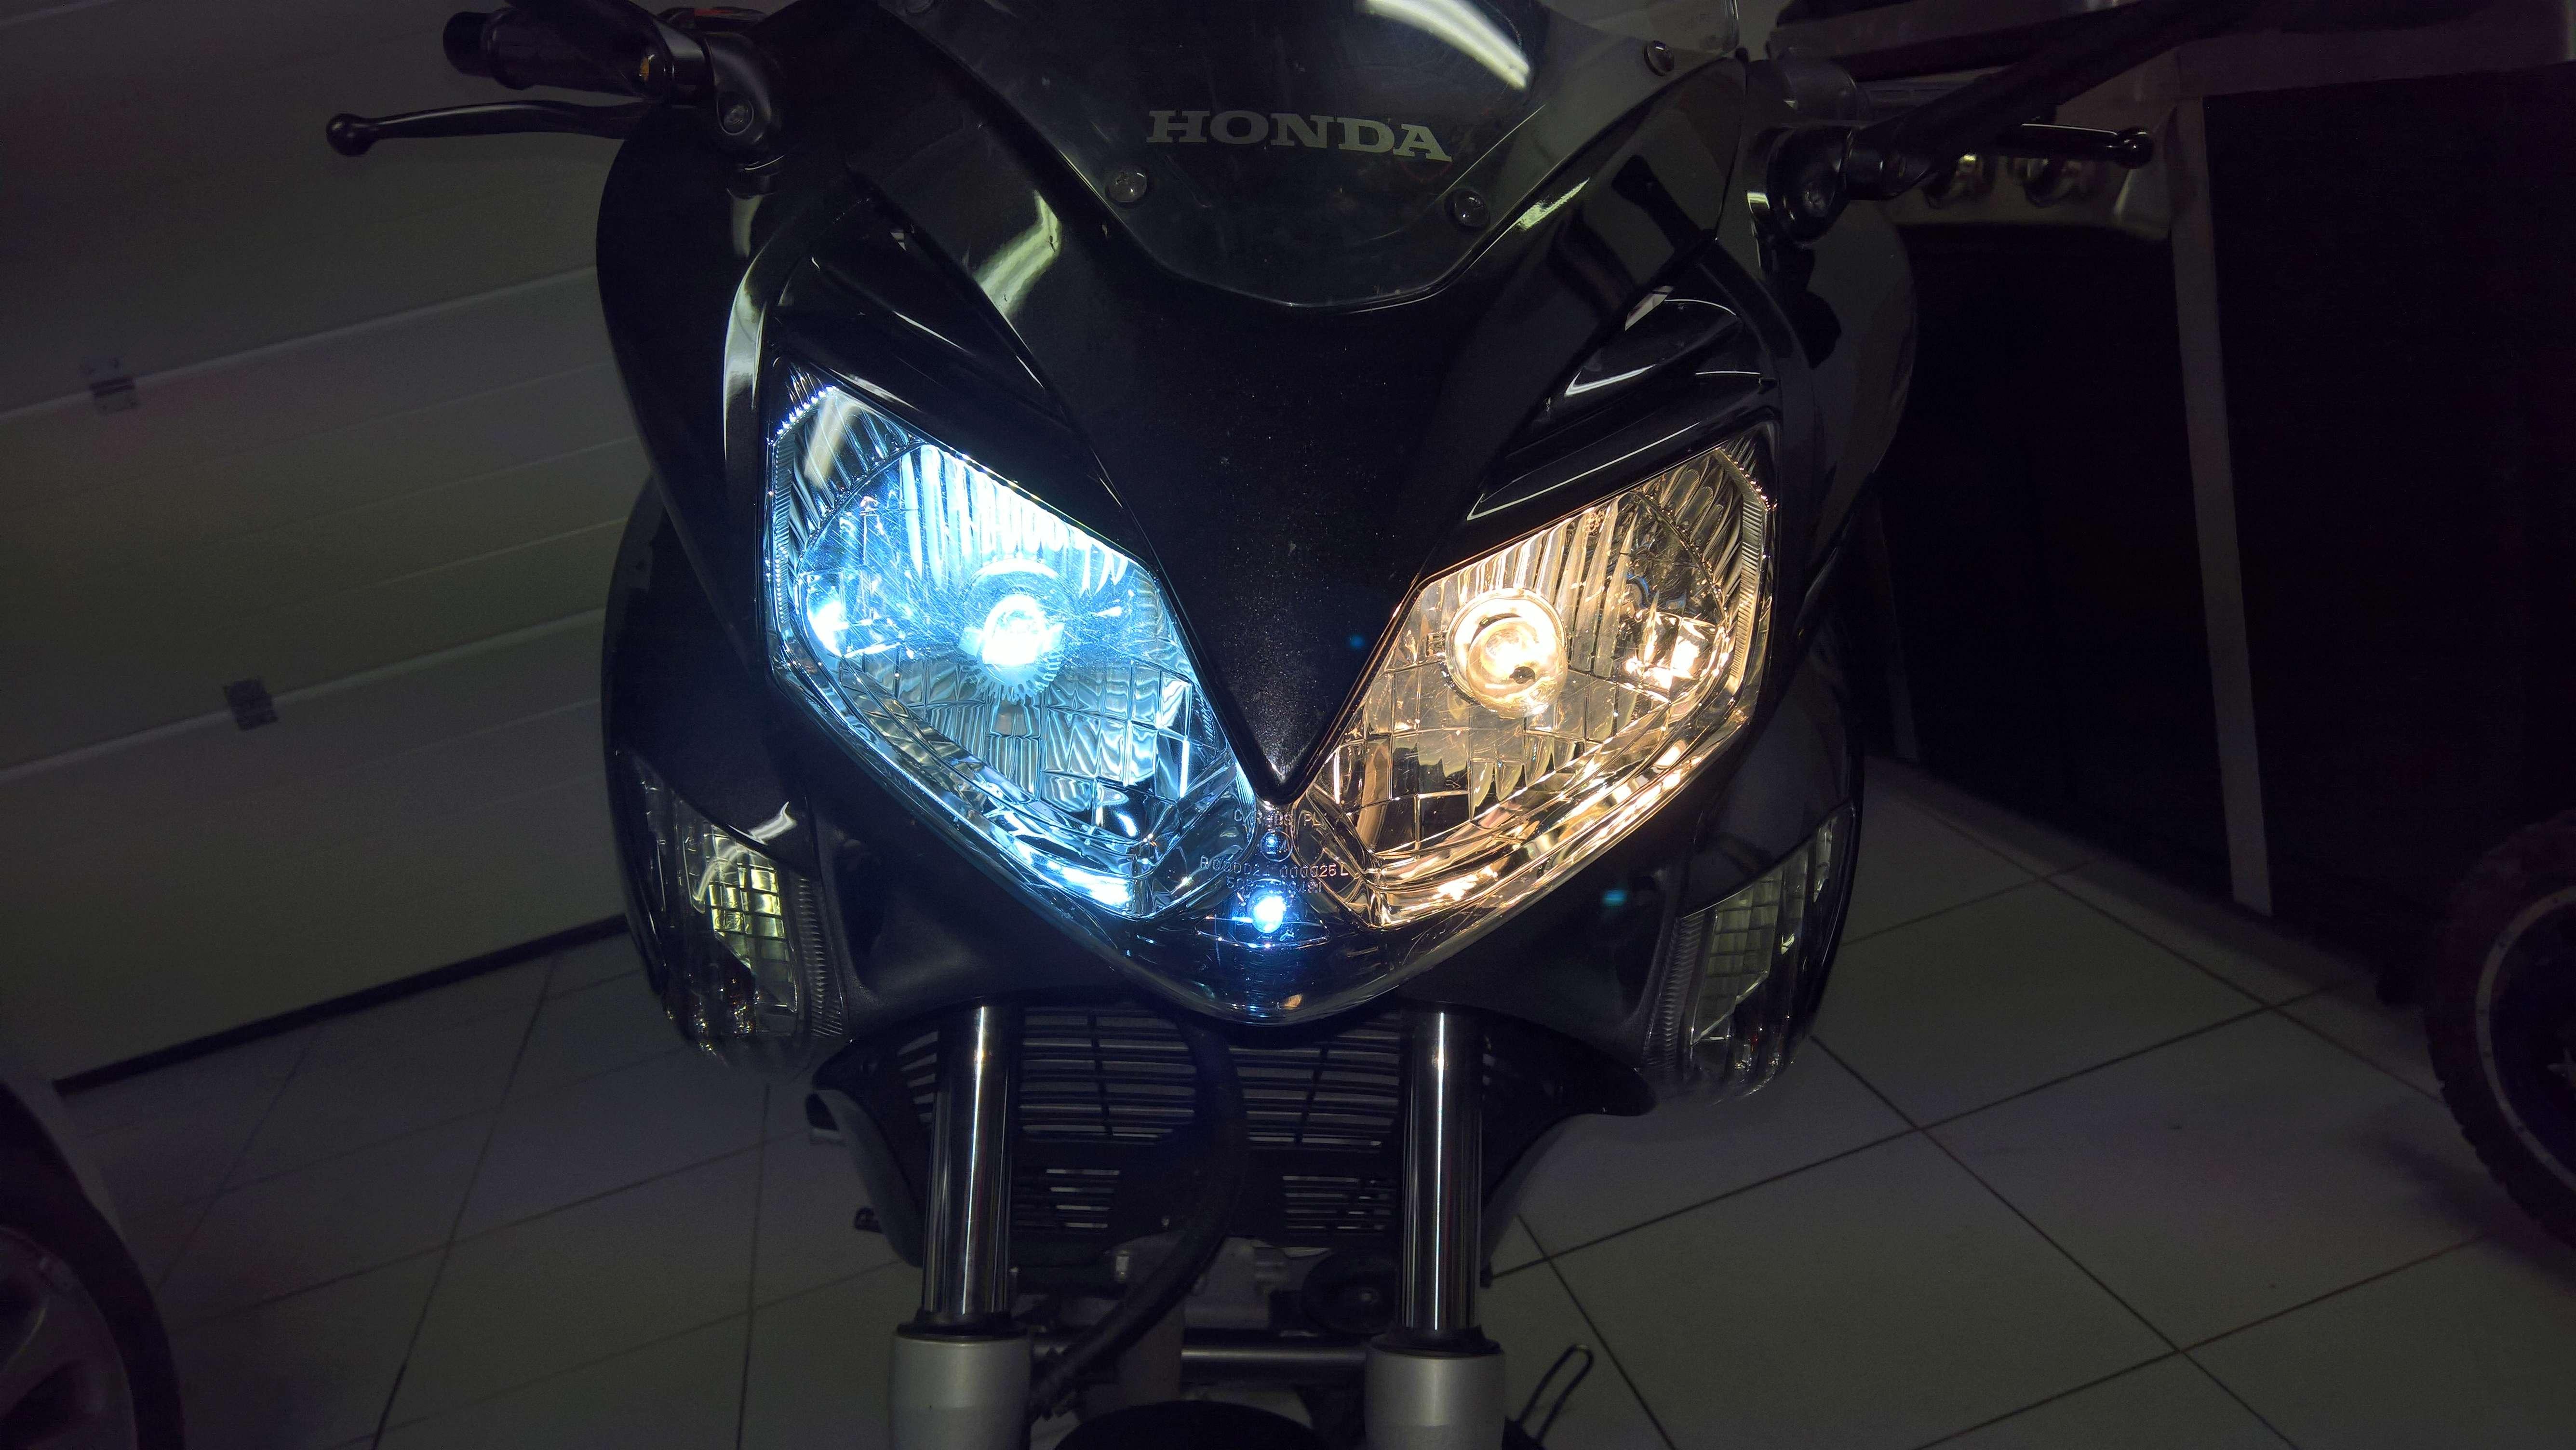 Remplacement des ampoules par LED (Varadero 125 - 2008) Wp_20128